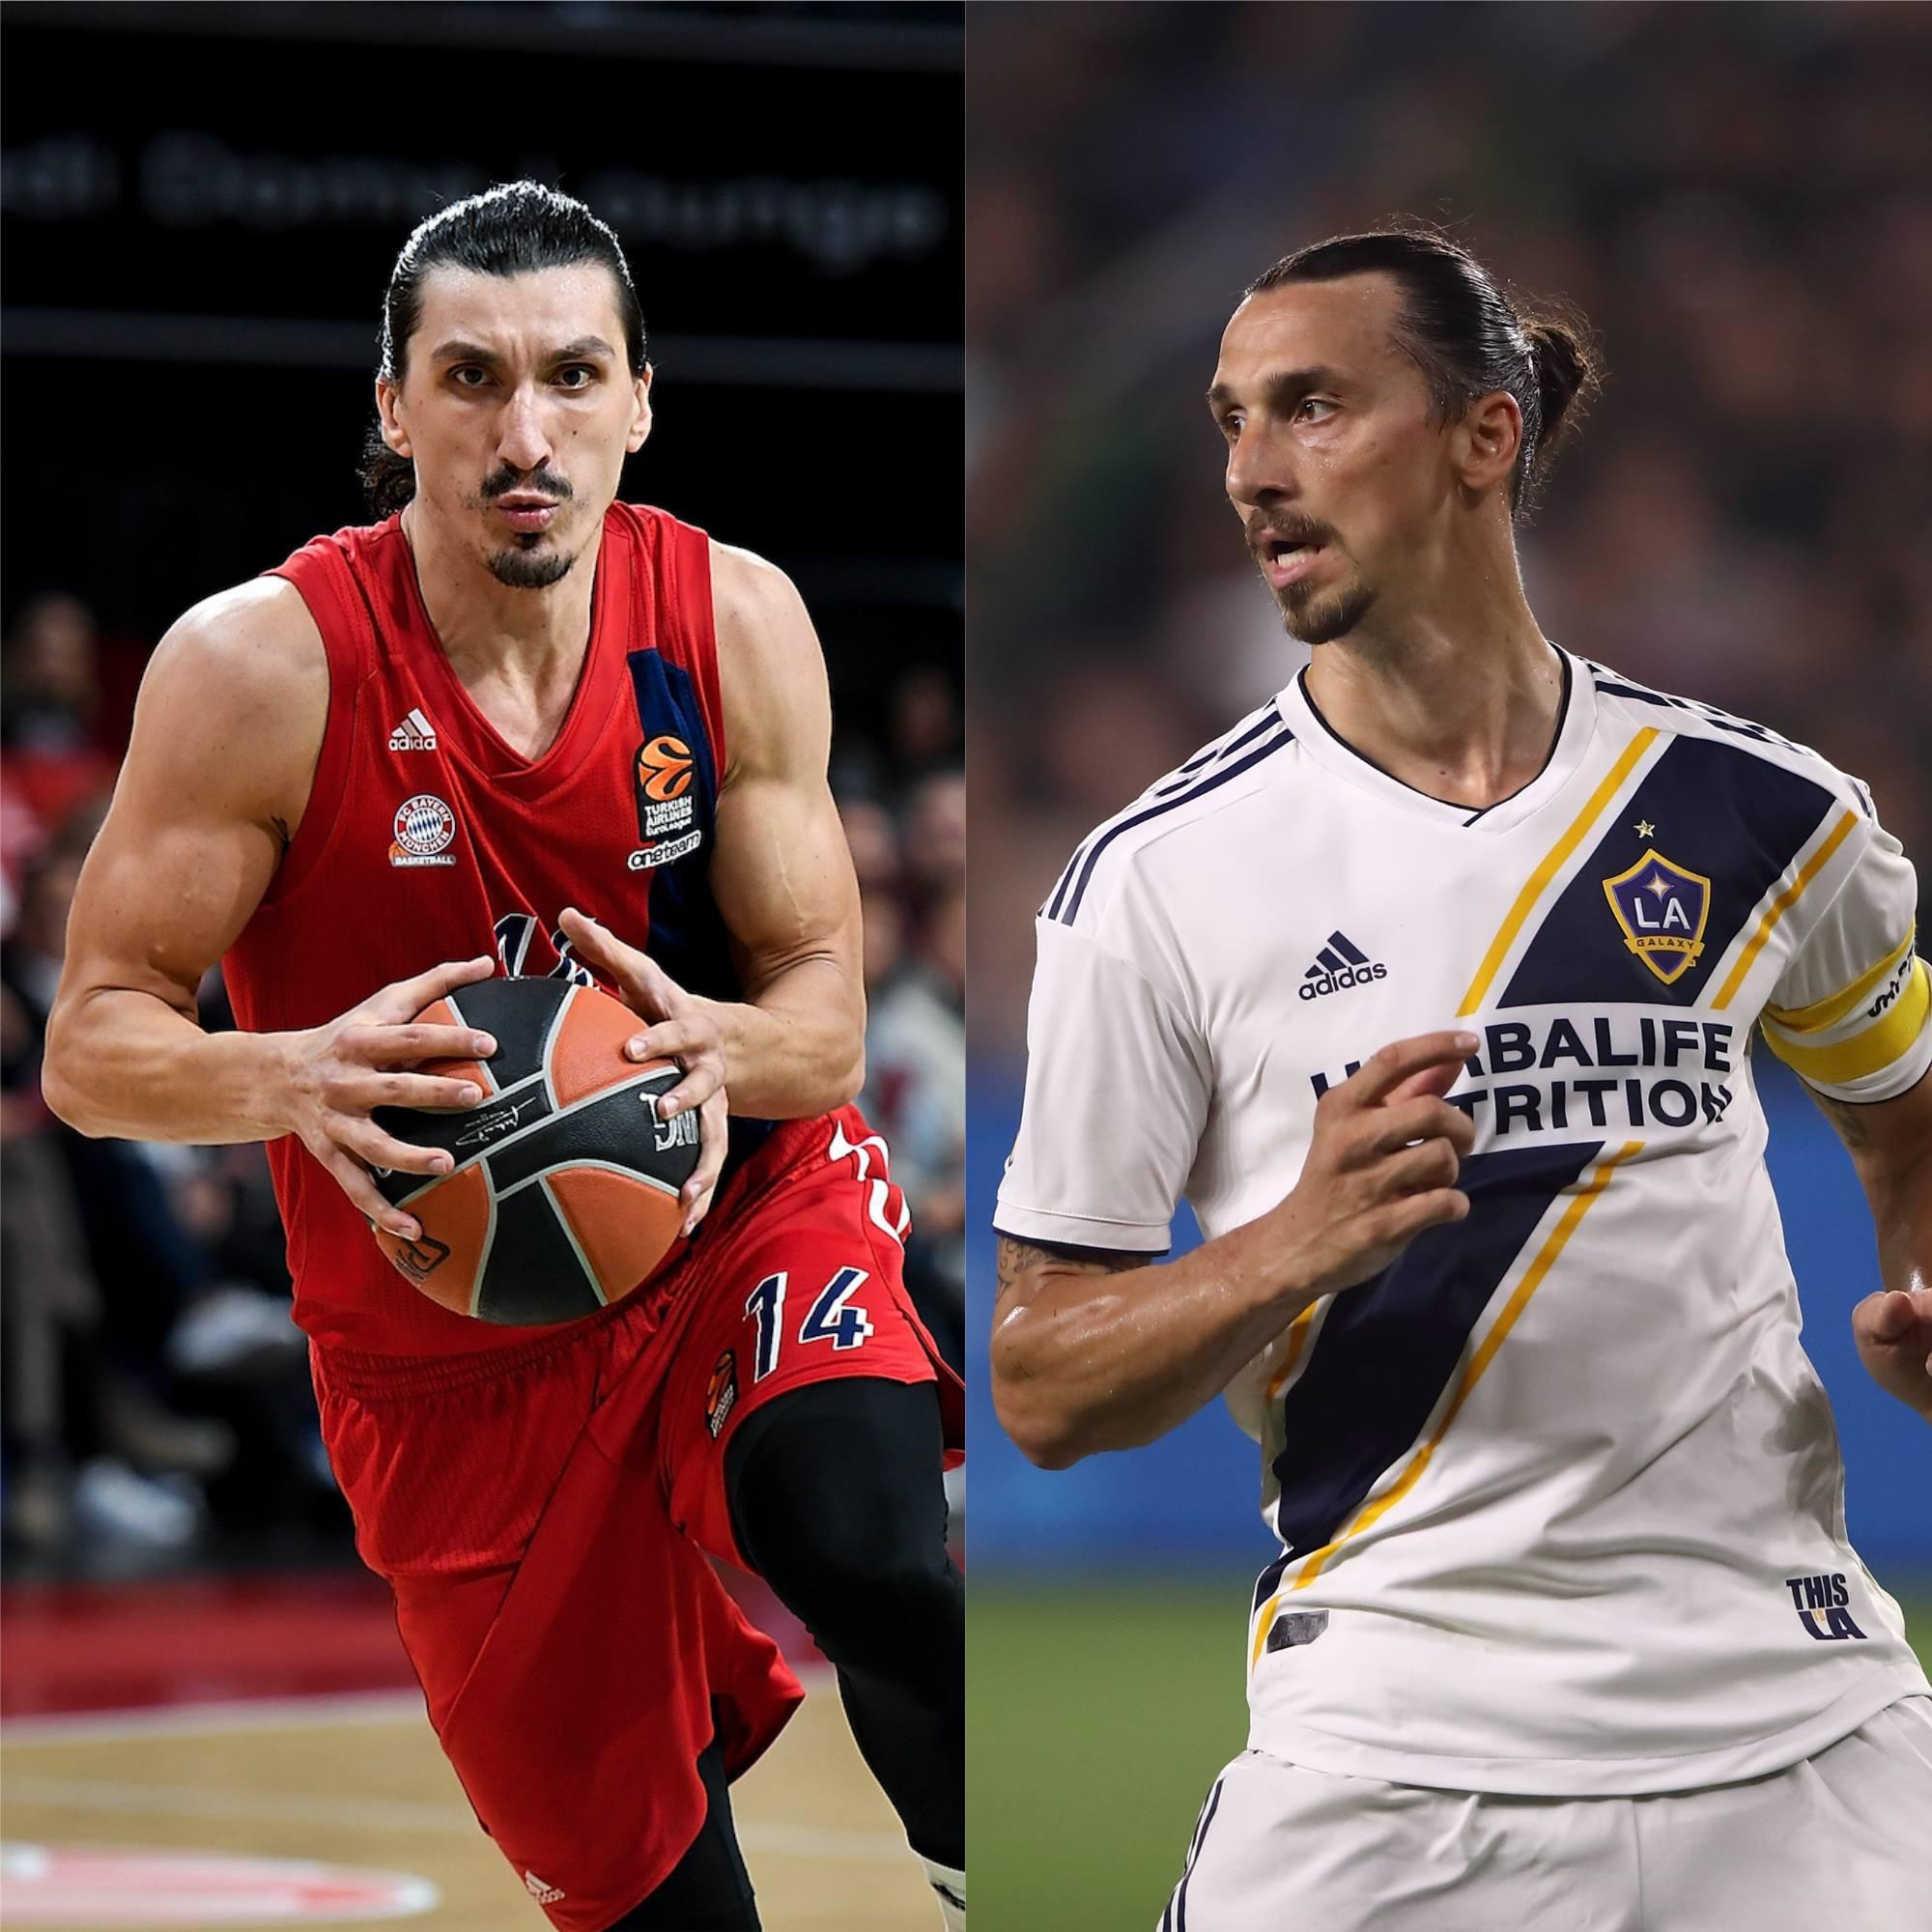 Chúa của Los Angeles Zlatan Ibrahimovic có em song sinh chơi bóng rổ chuyên nghiệp? - Ảnh 1.